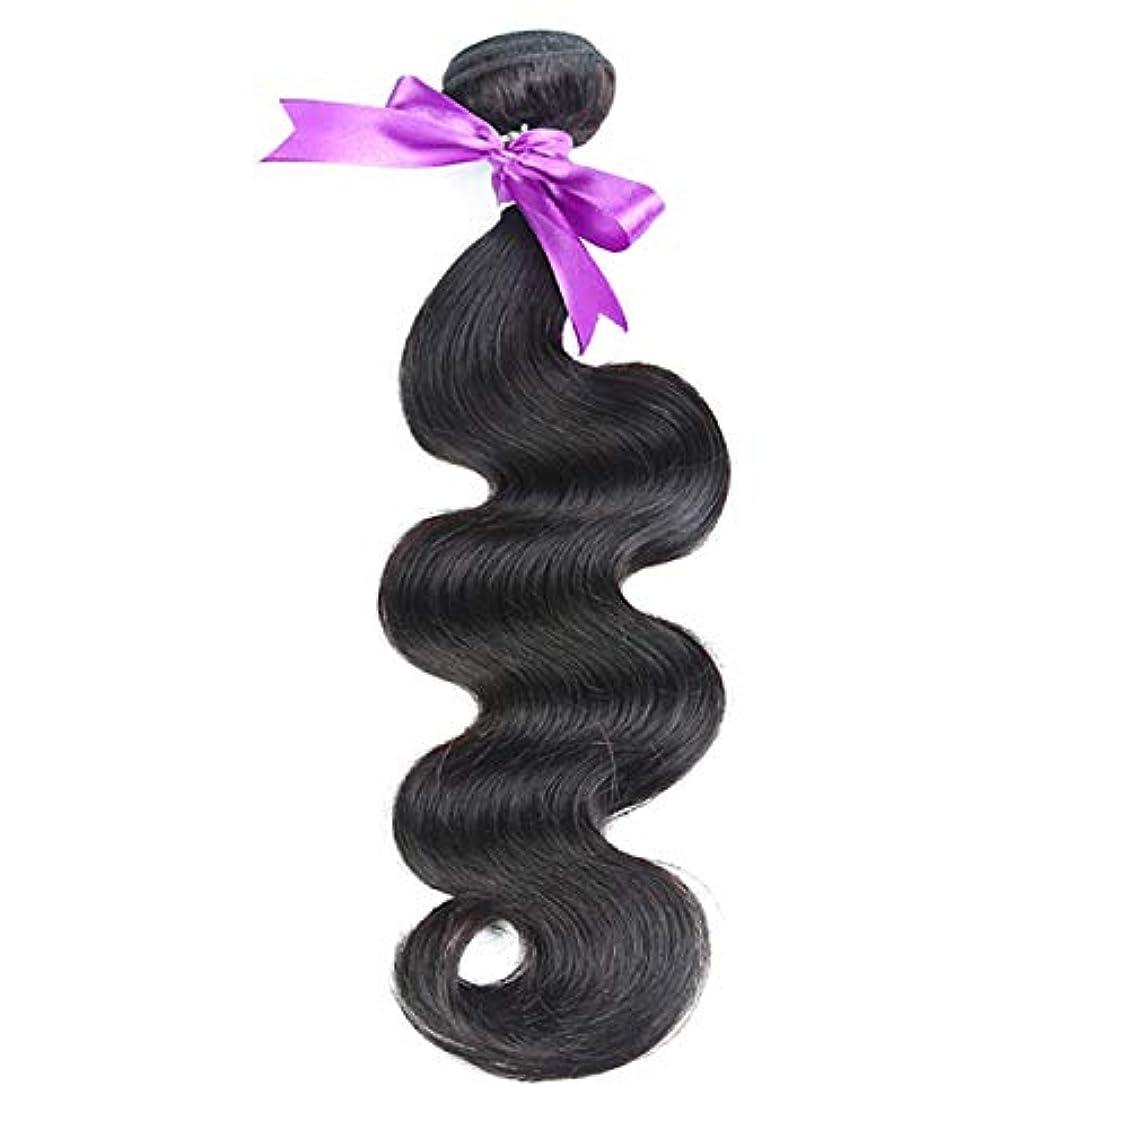 ジャングルカビ和解するブラジル実体波髪バンドル8-28インチ100%人毛織りレミー髪ナチュラルカラー1ピース髪織り (Stretched Length : 10inches)